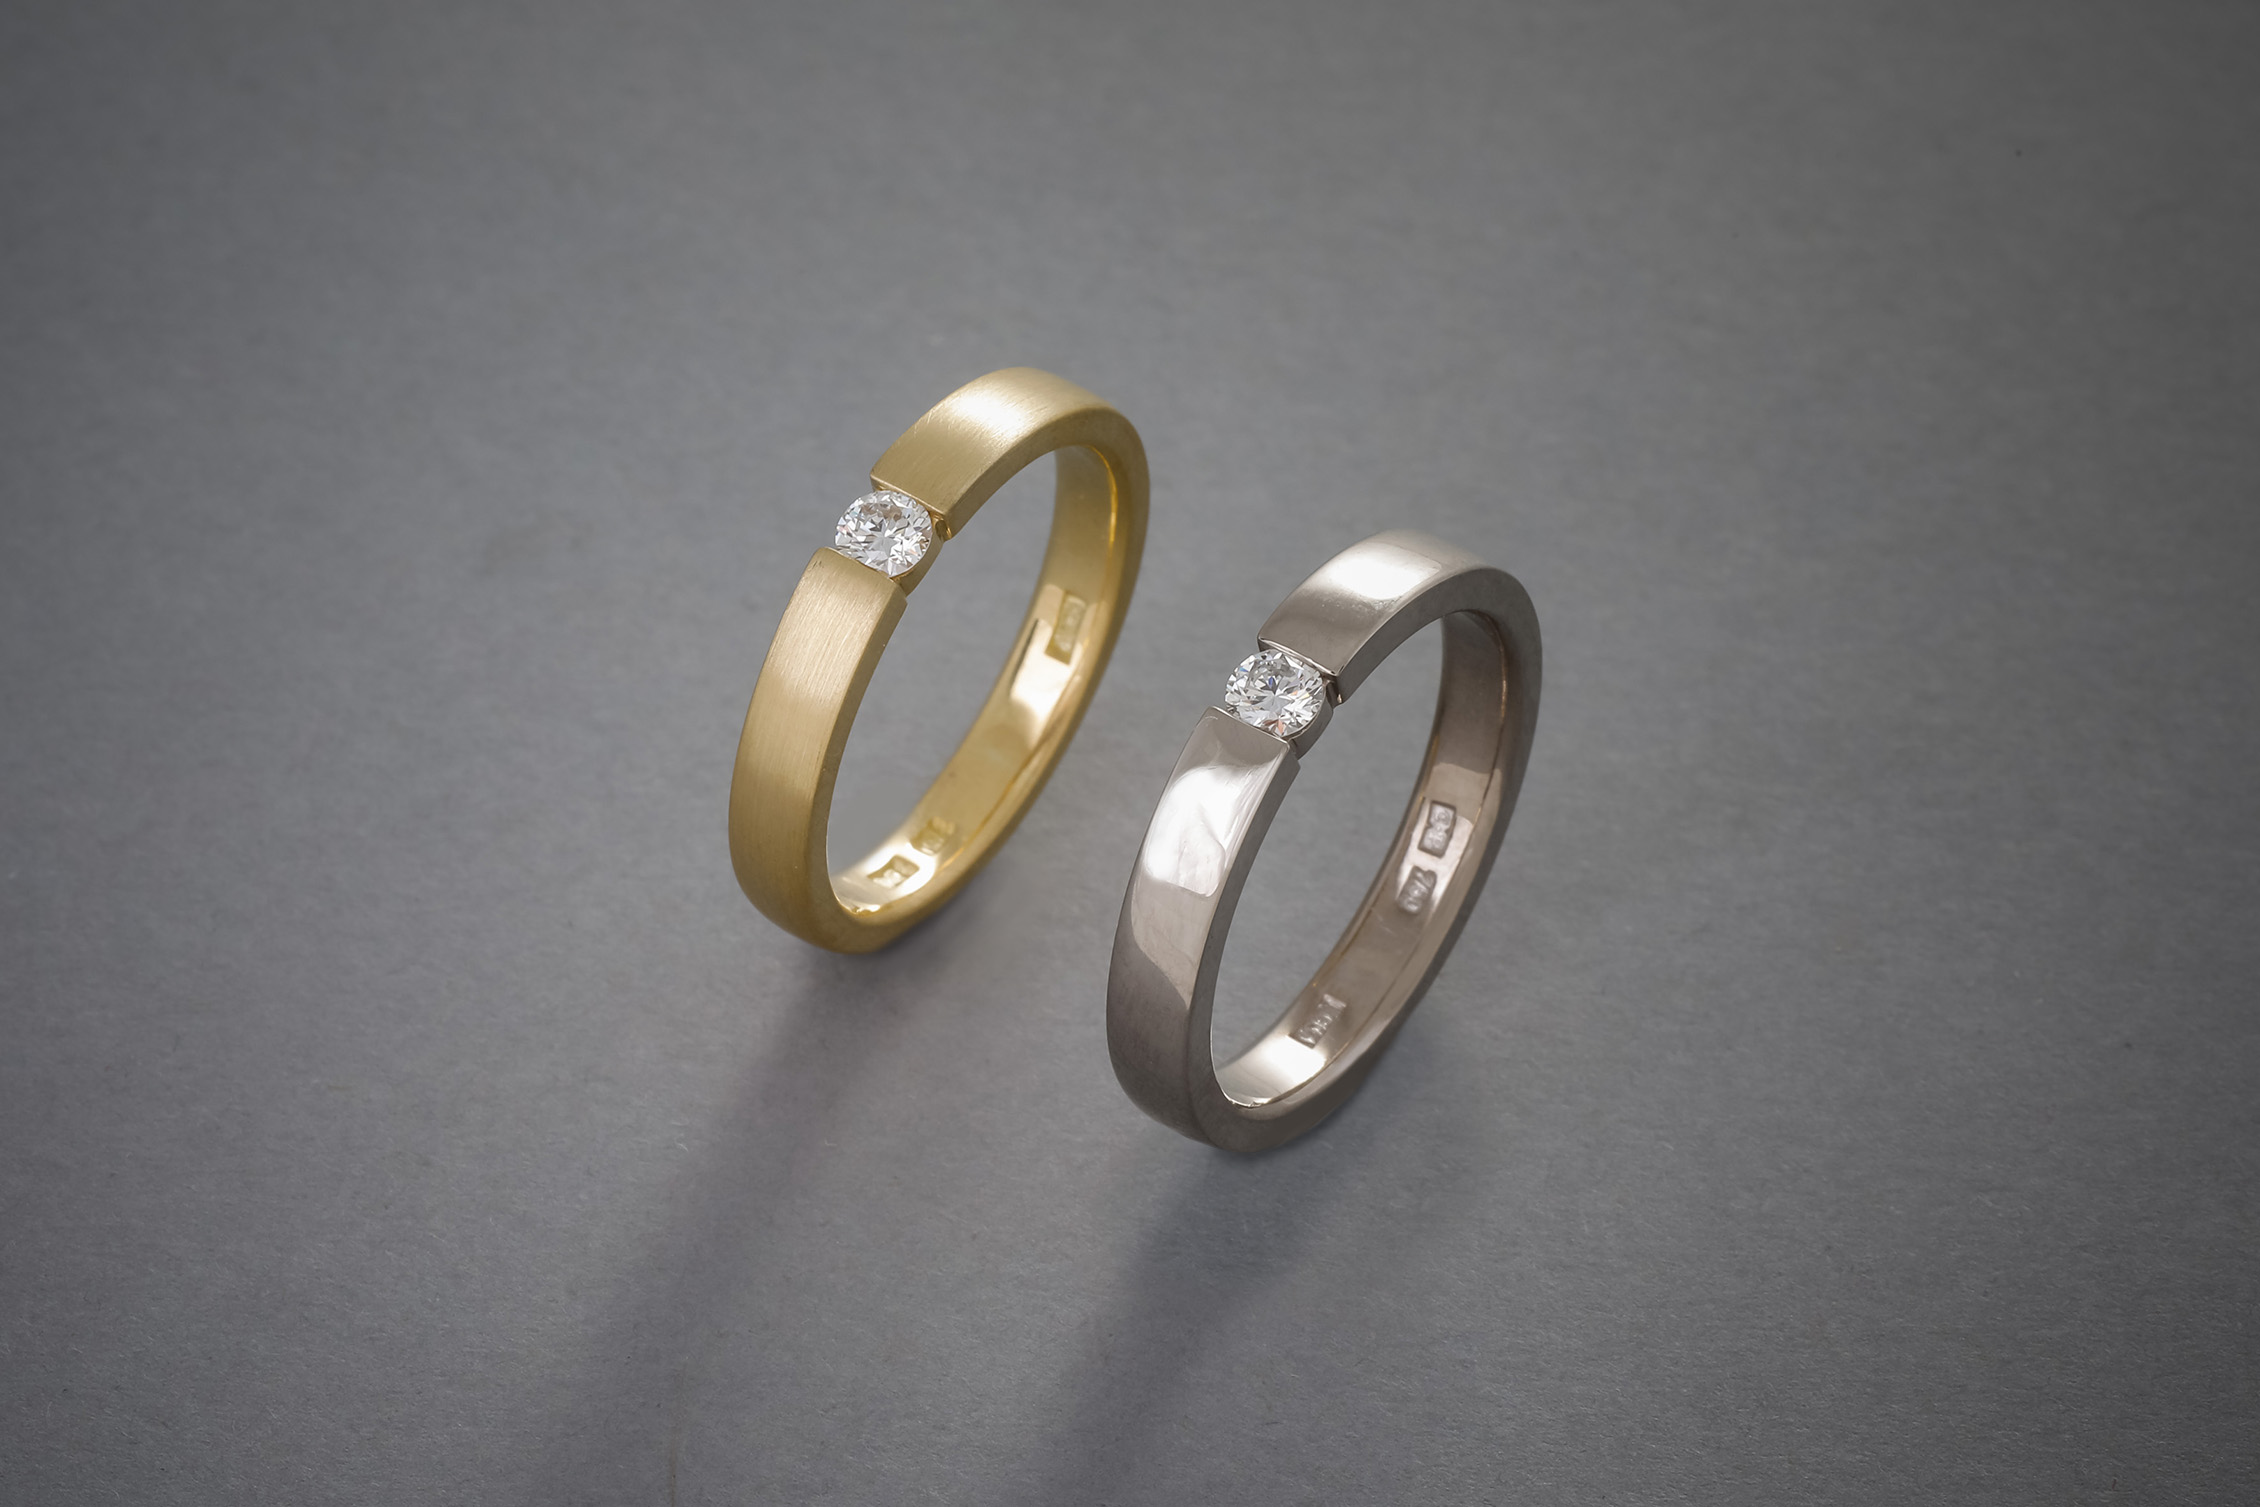 044 18kt Gelbgoldring, Brillant, Preis auf Anfrage, 18kt Weißgoldring, Brillant, Preis auf Anfrage